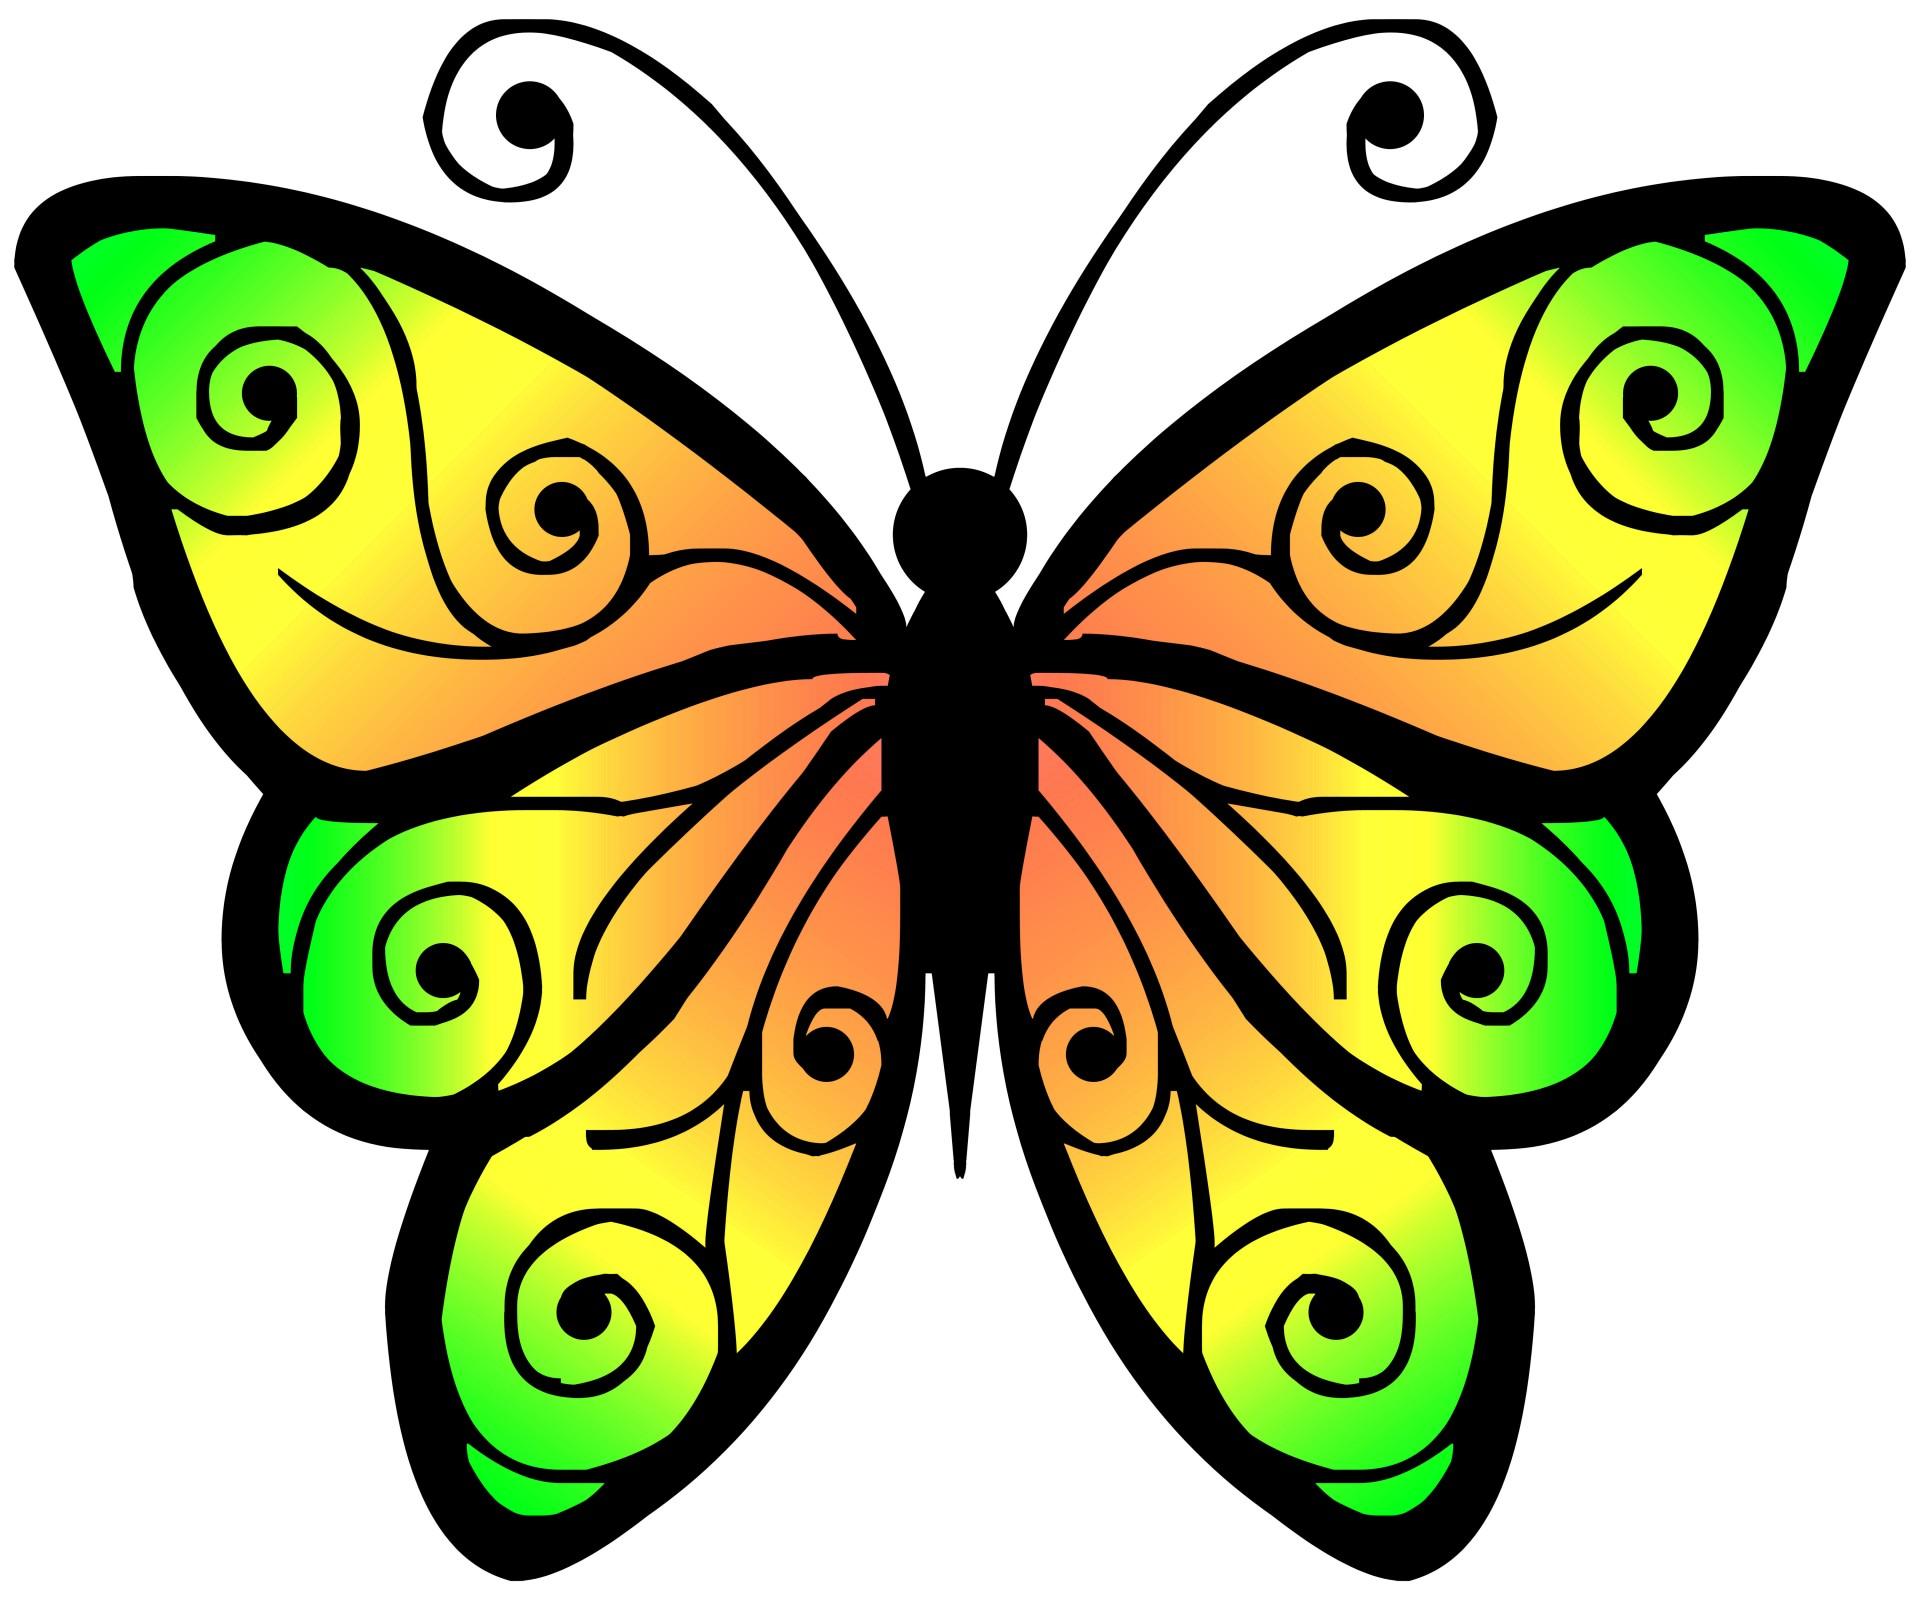 1920x1600 Public Domain Butterfly Clipart Amp Public Domain Butterfly Clip Art